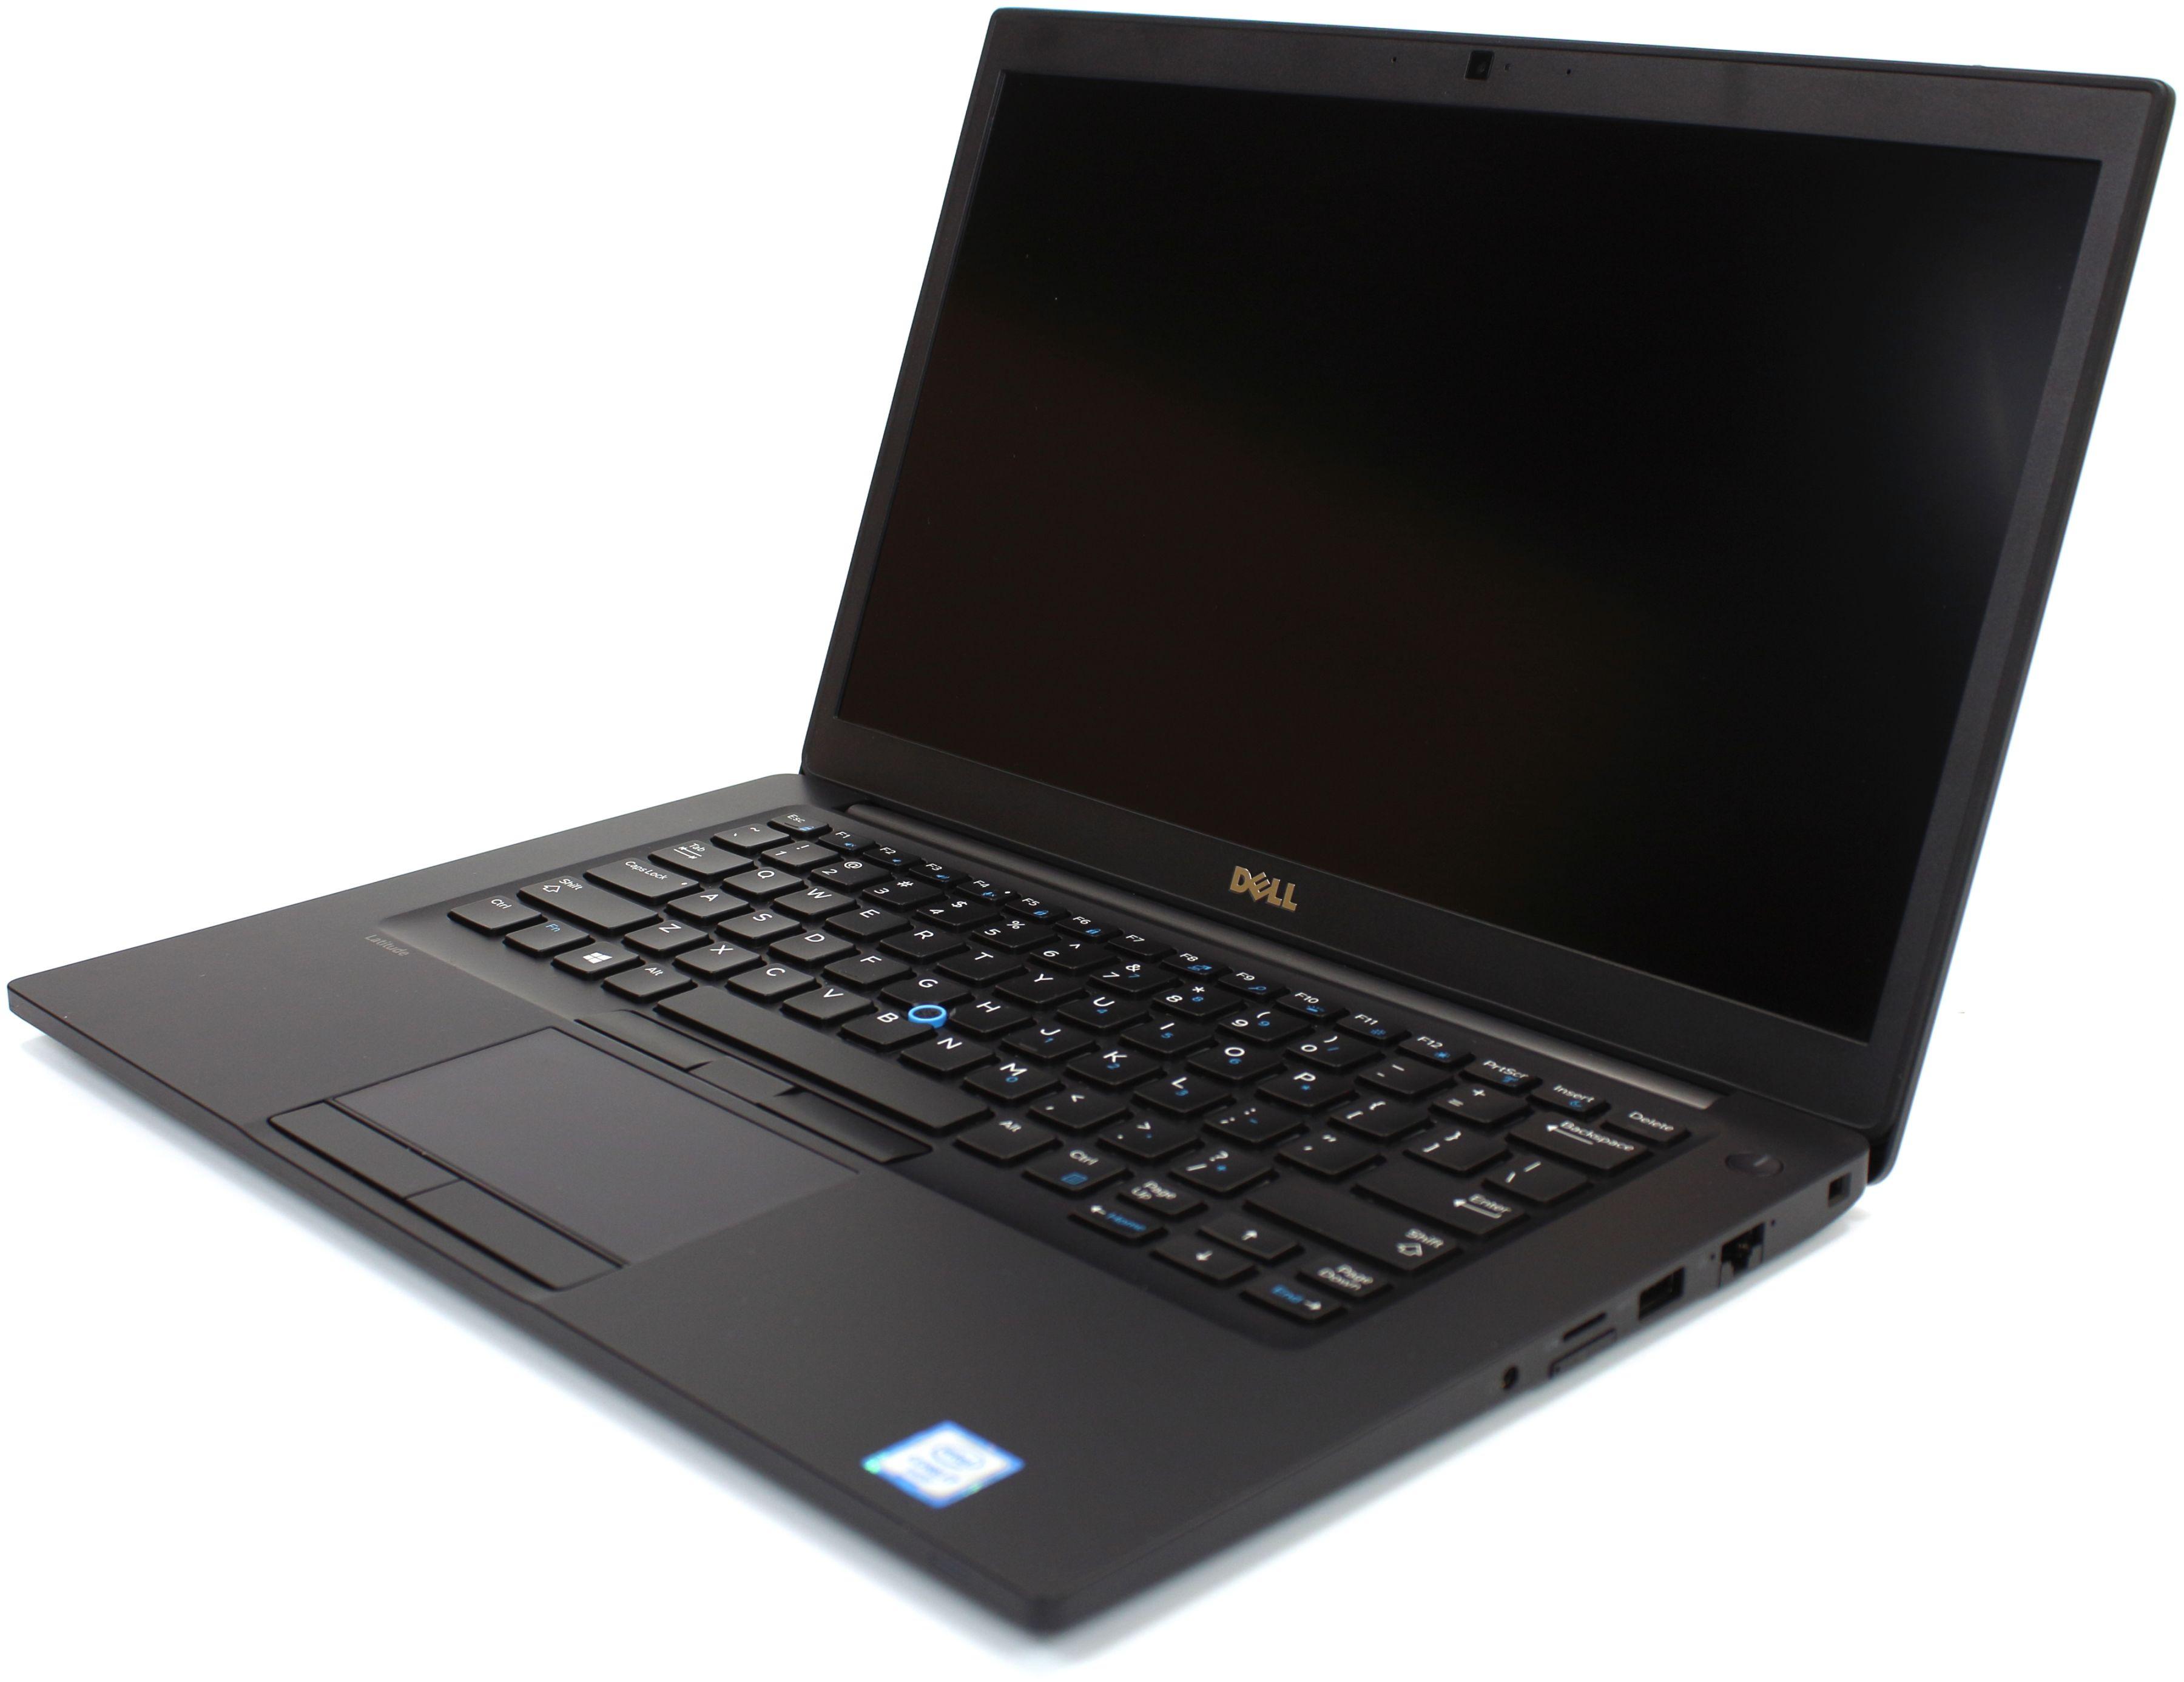 Dotykowy UltraBook DELL Latitude 7480 Full HD IPS i5-7300U 2x3.50GHz 8GB 256GB SSD Kamera Windows 7/8/10 Pro